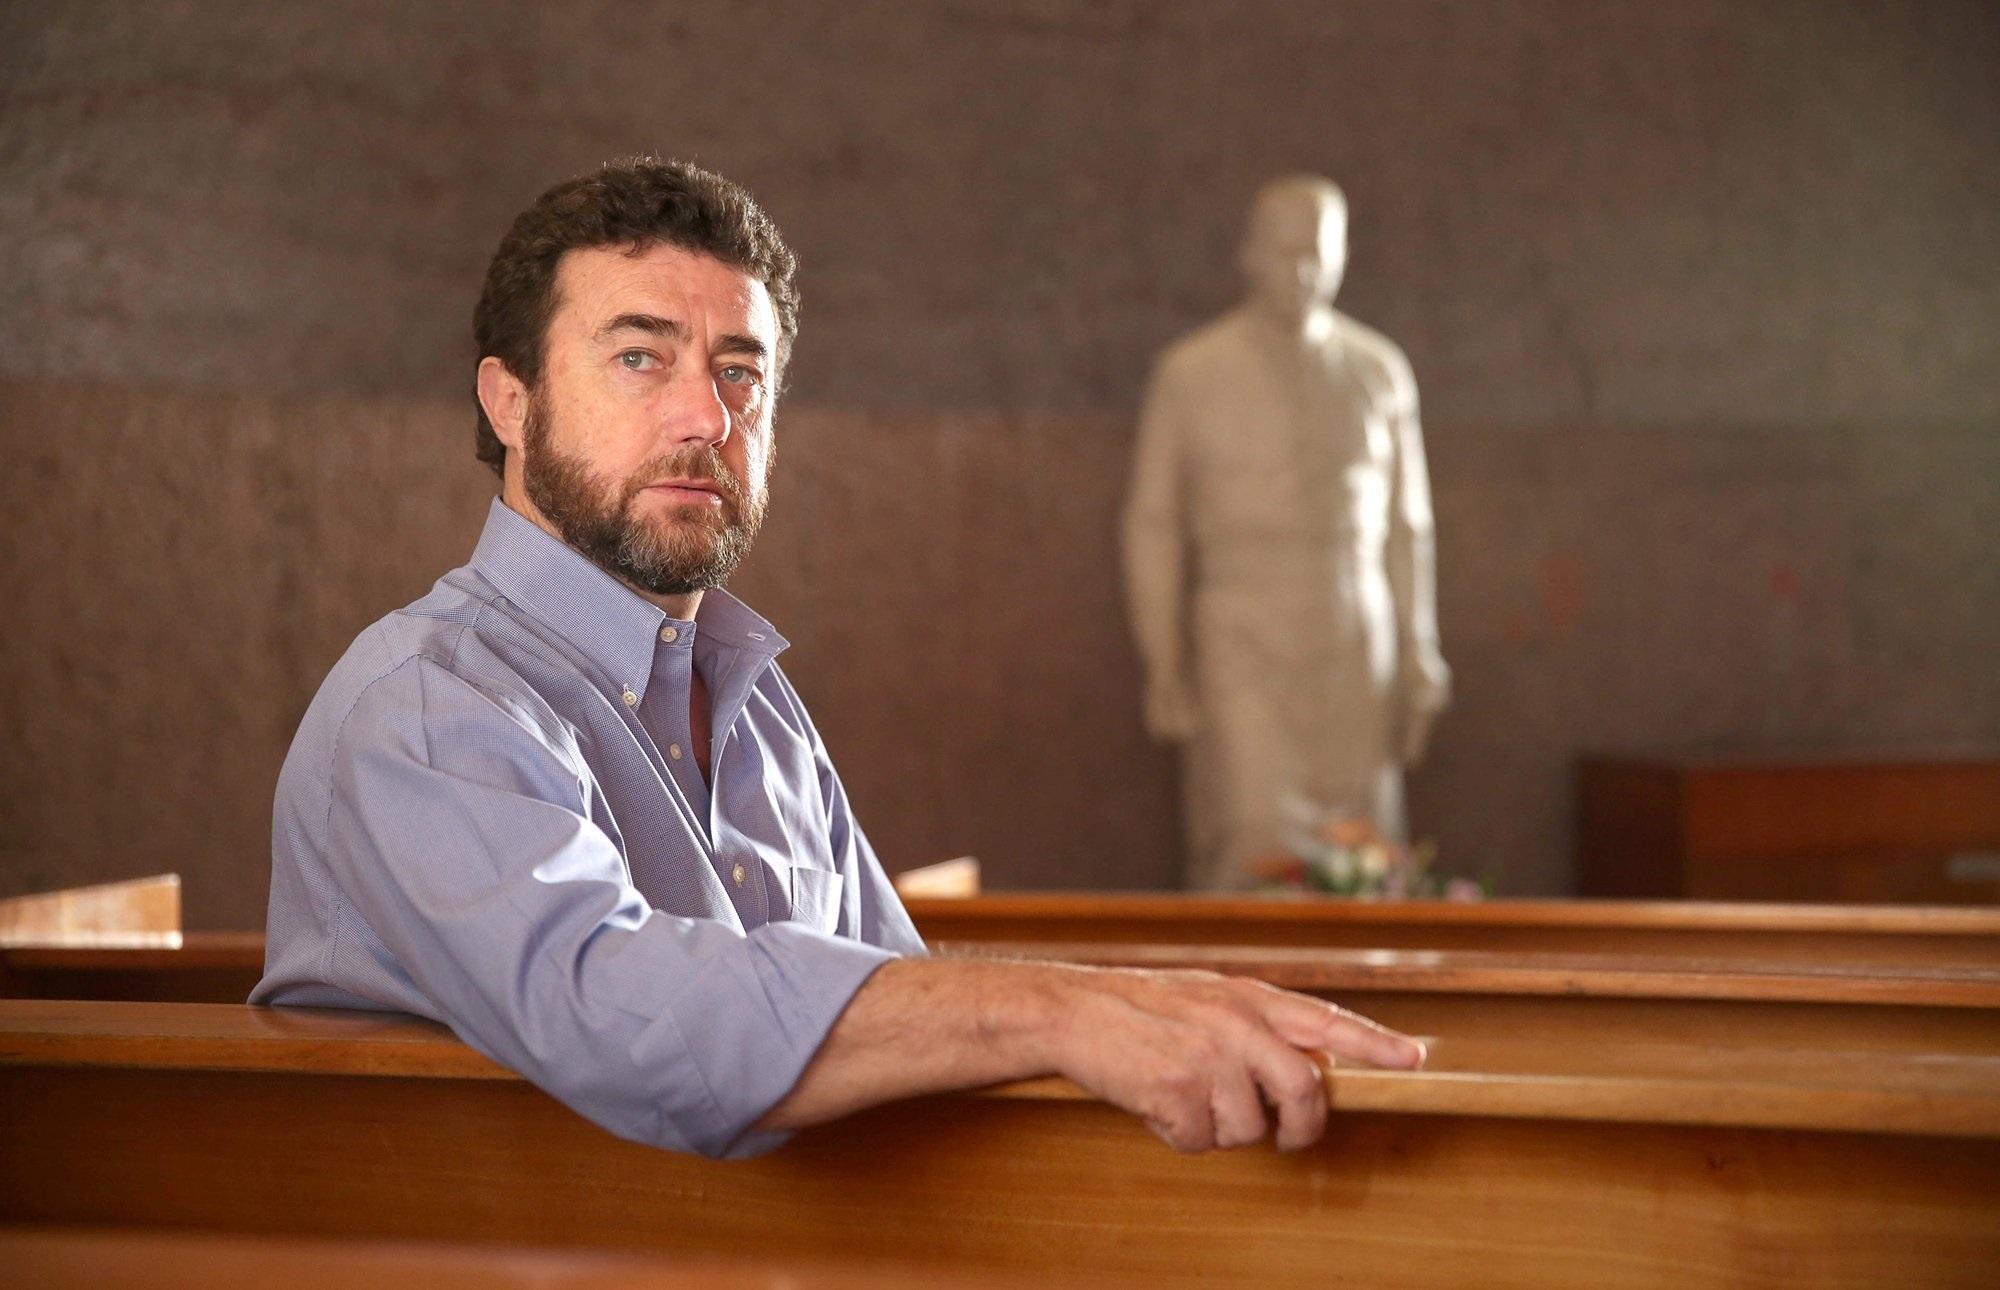 Paulo Egenau Hogar de Cristo